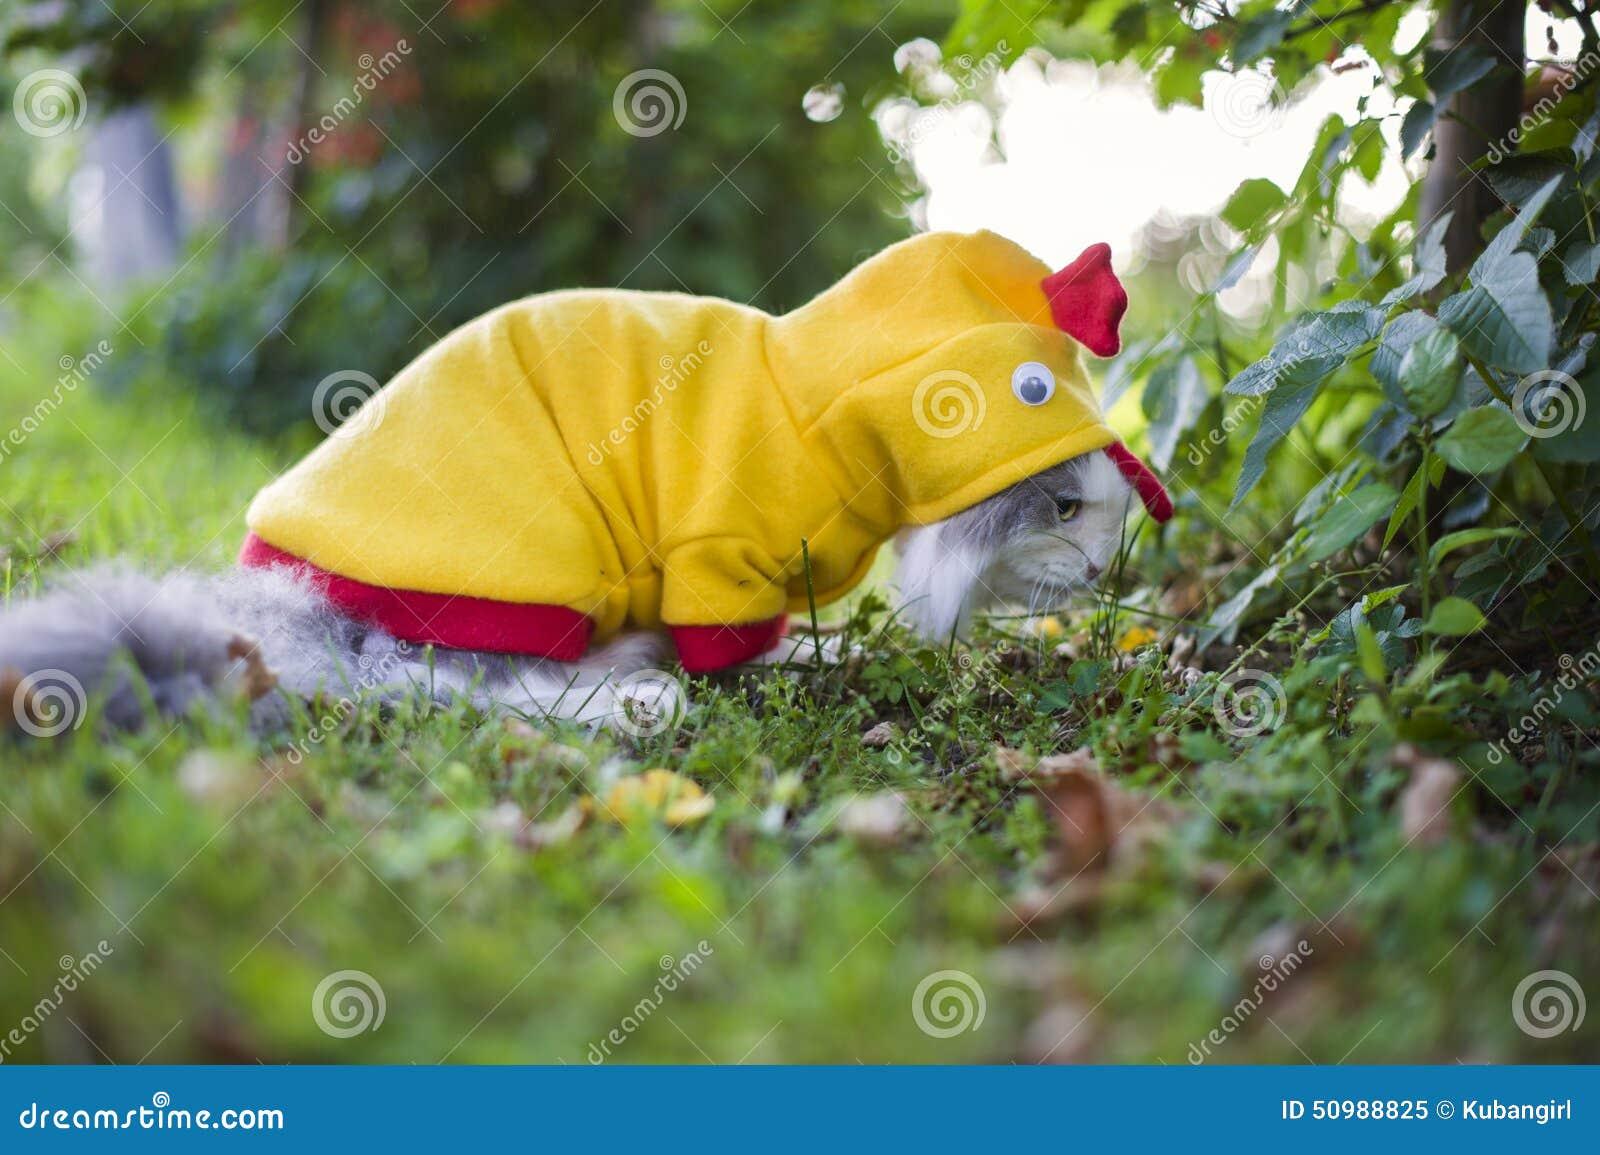 Chat habill comme poulet dans le jardin image stock for Dans le jardin